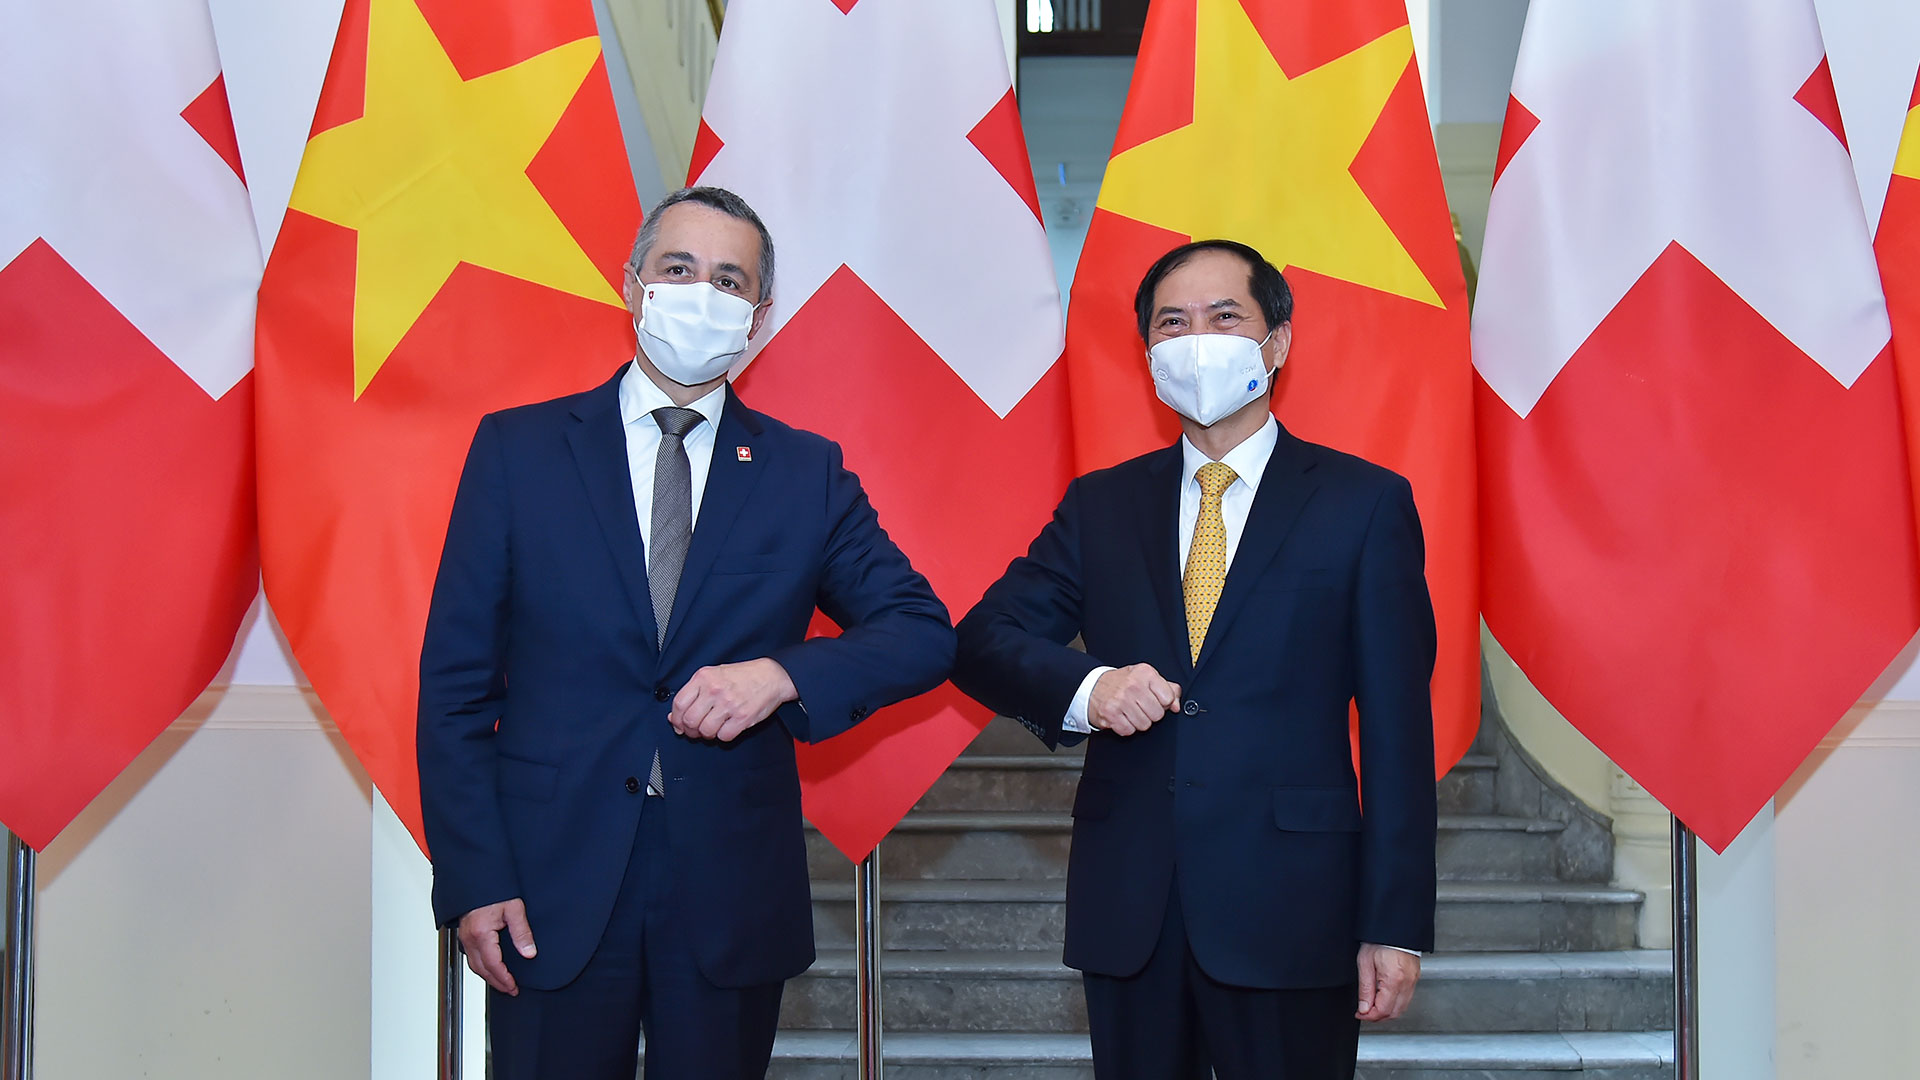 Thụy Sỹ tặng Việt Nam 500.000 bộ kít thử nhanh và 30 máy thở